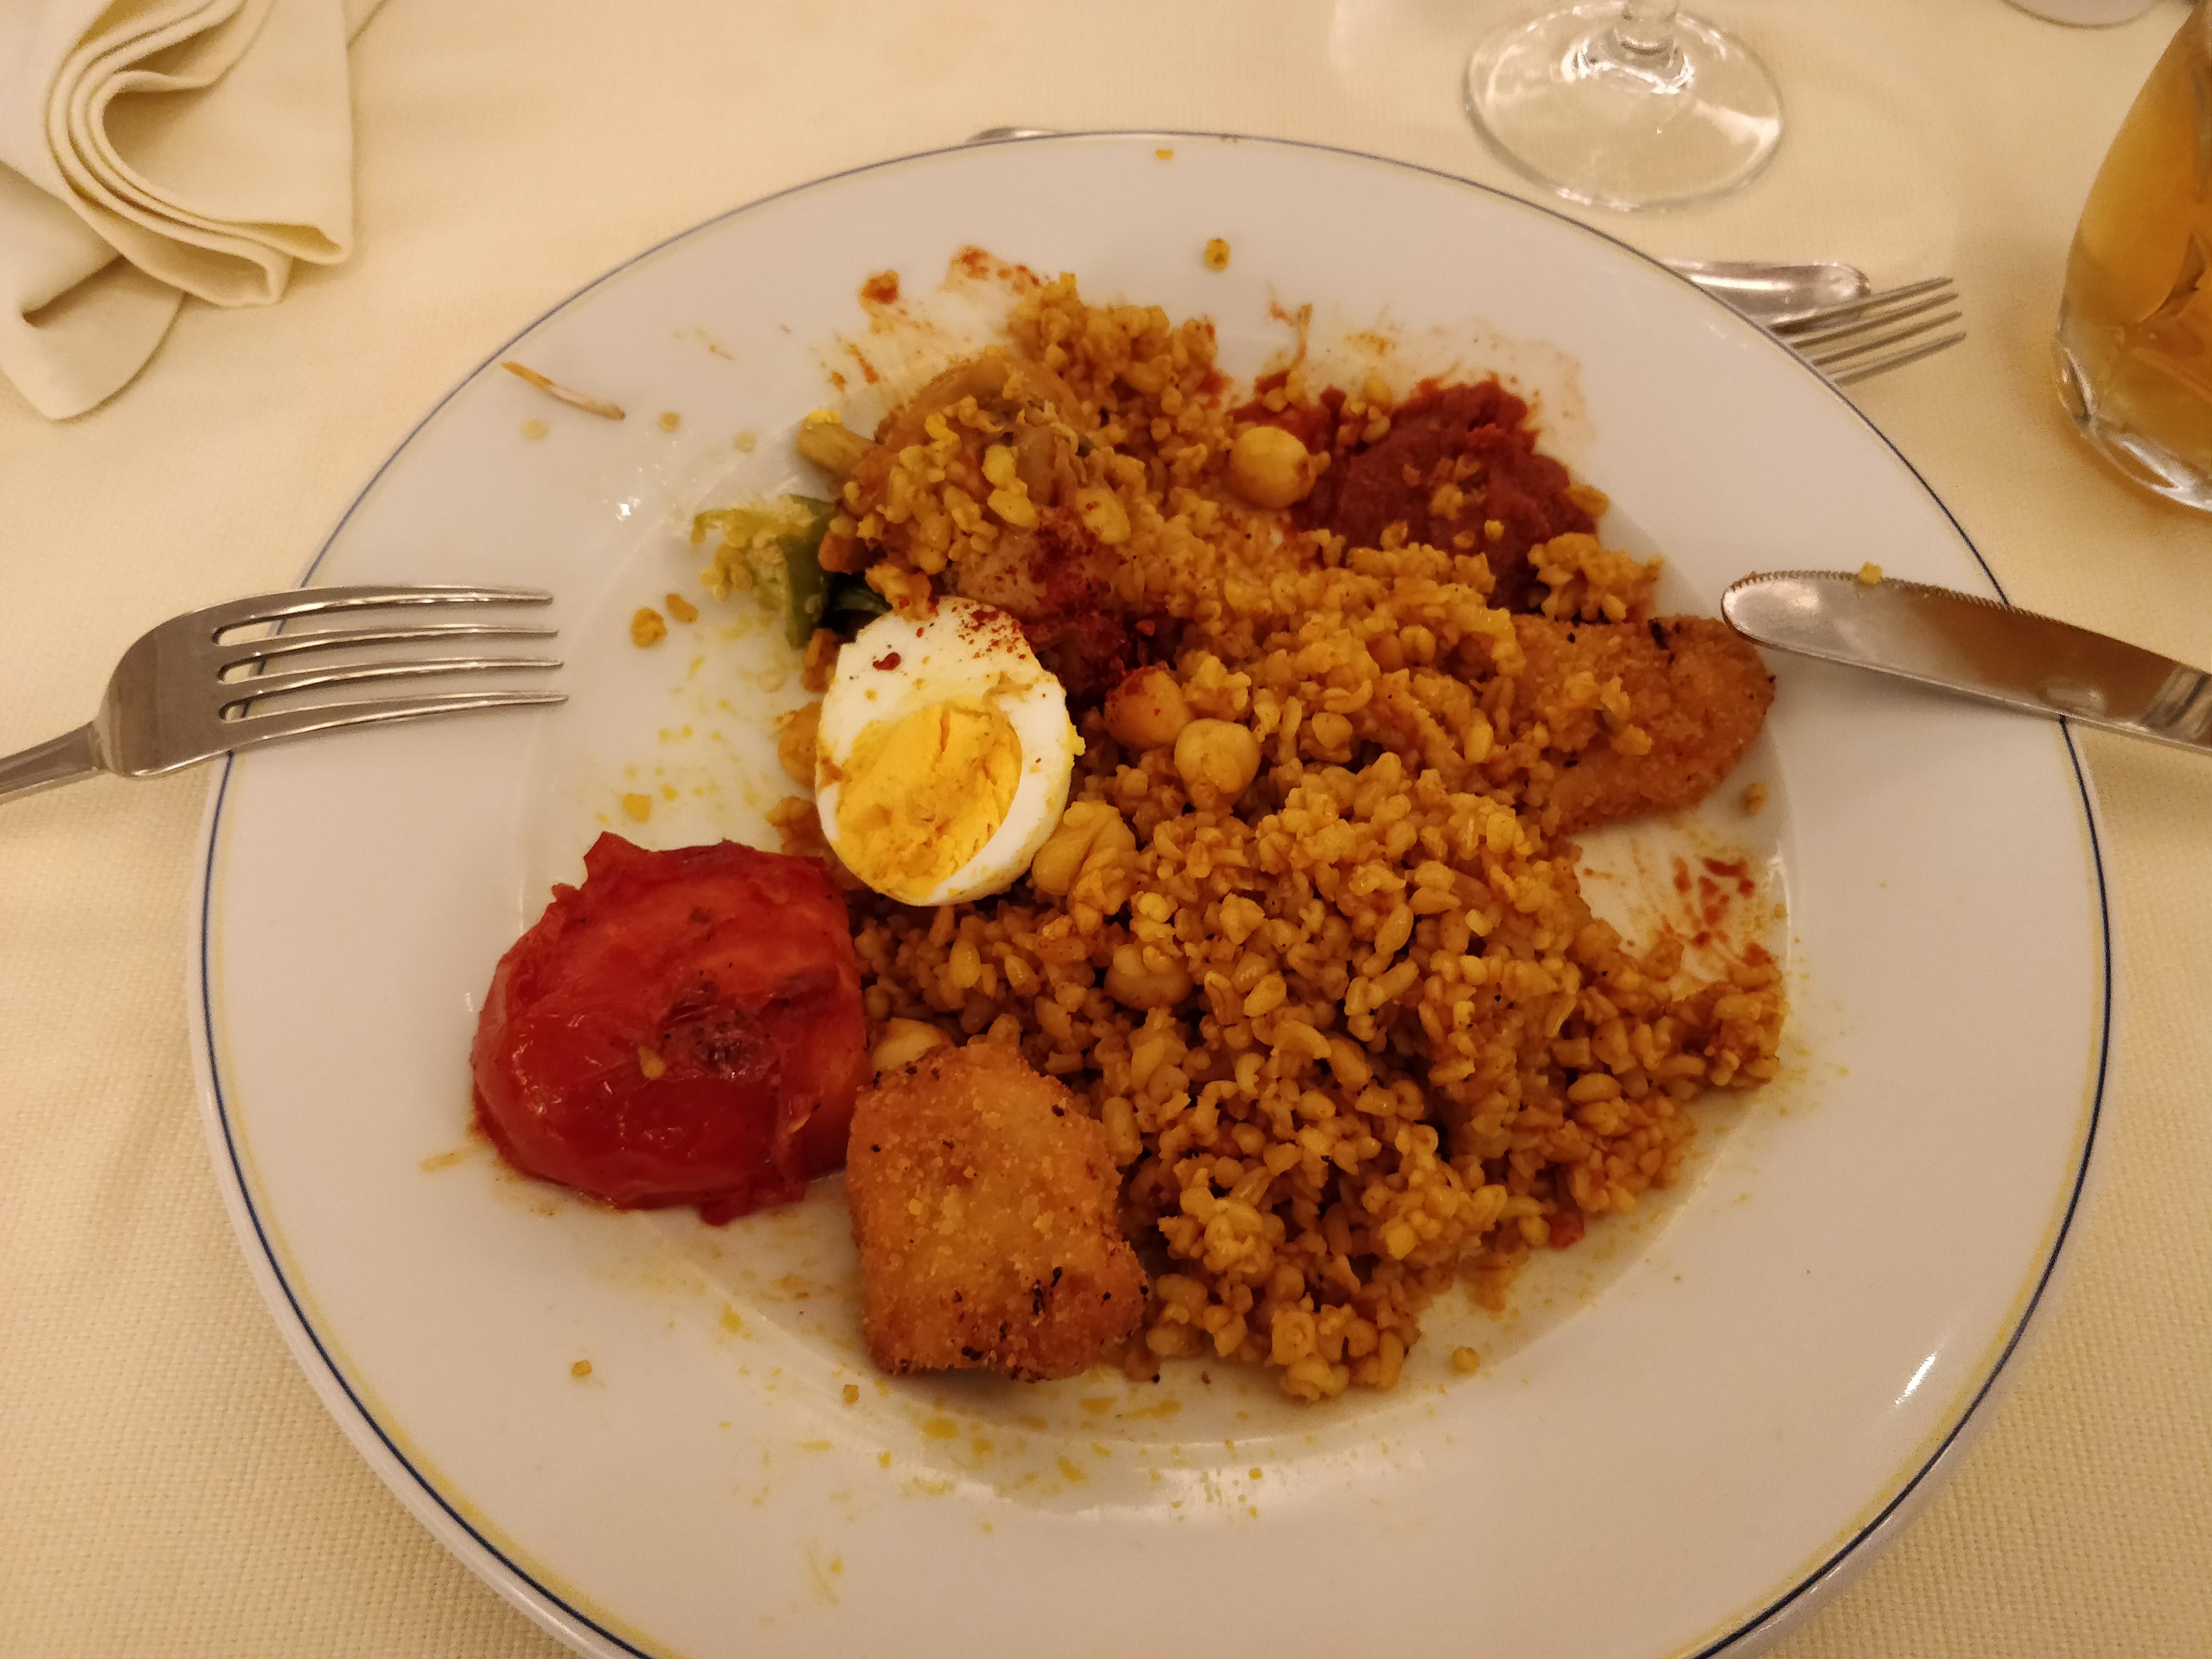 http://foodloader.net/nico_2018-10-27_royal-el-mansour-5.jpg